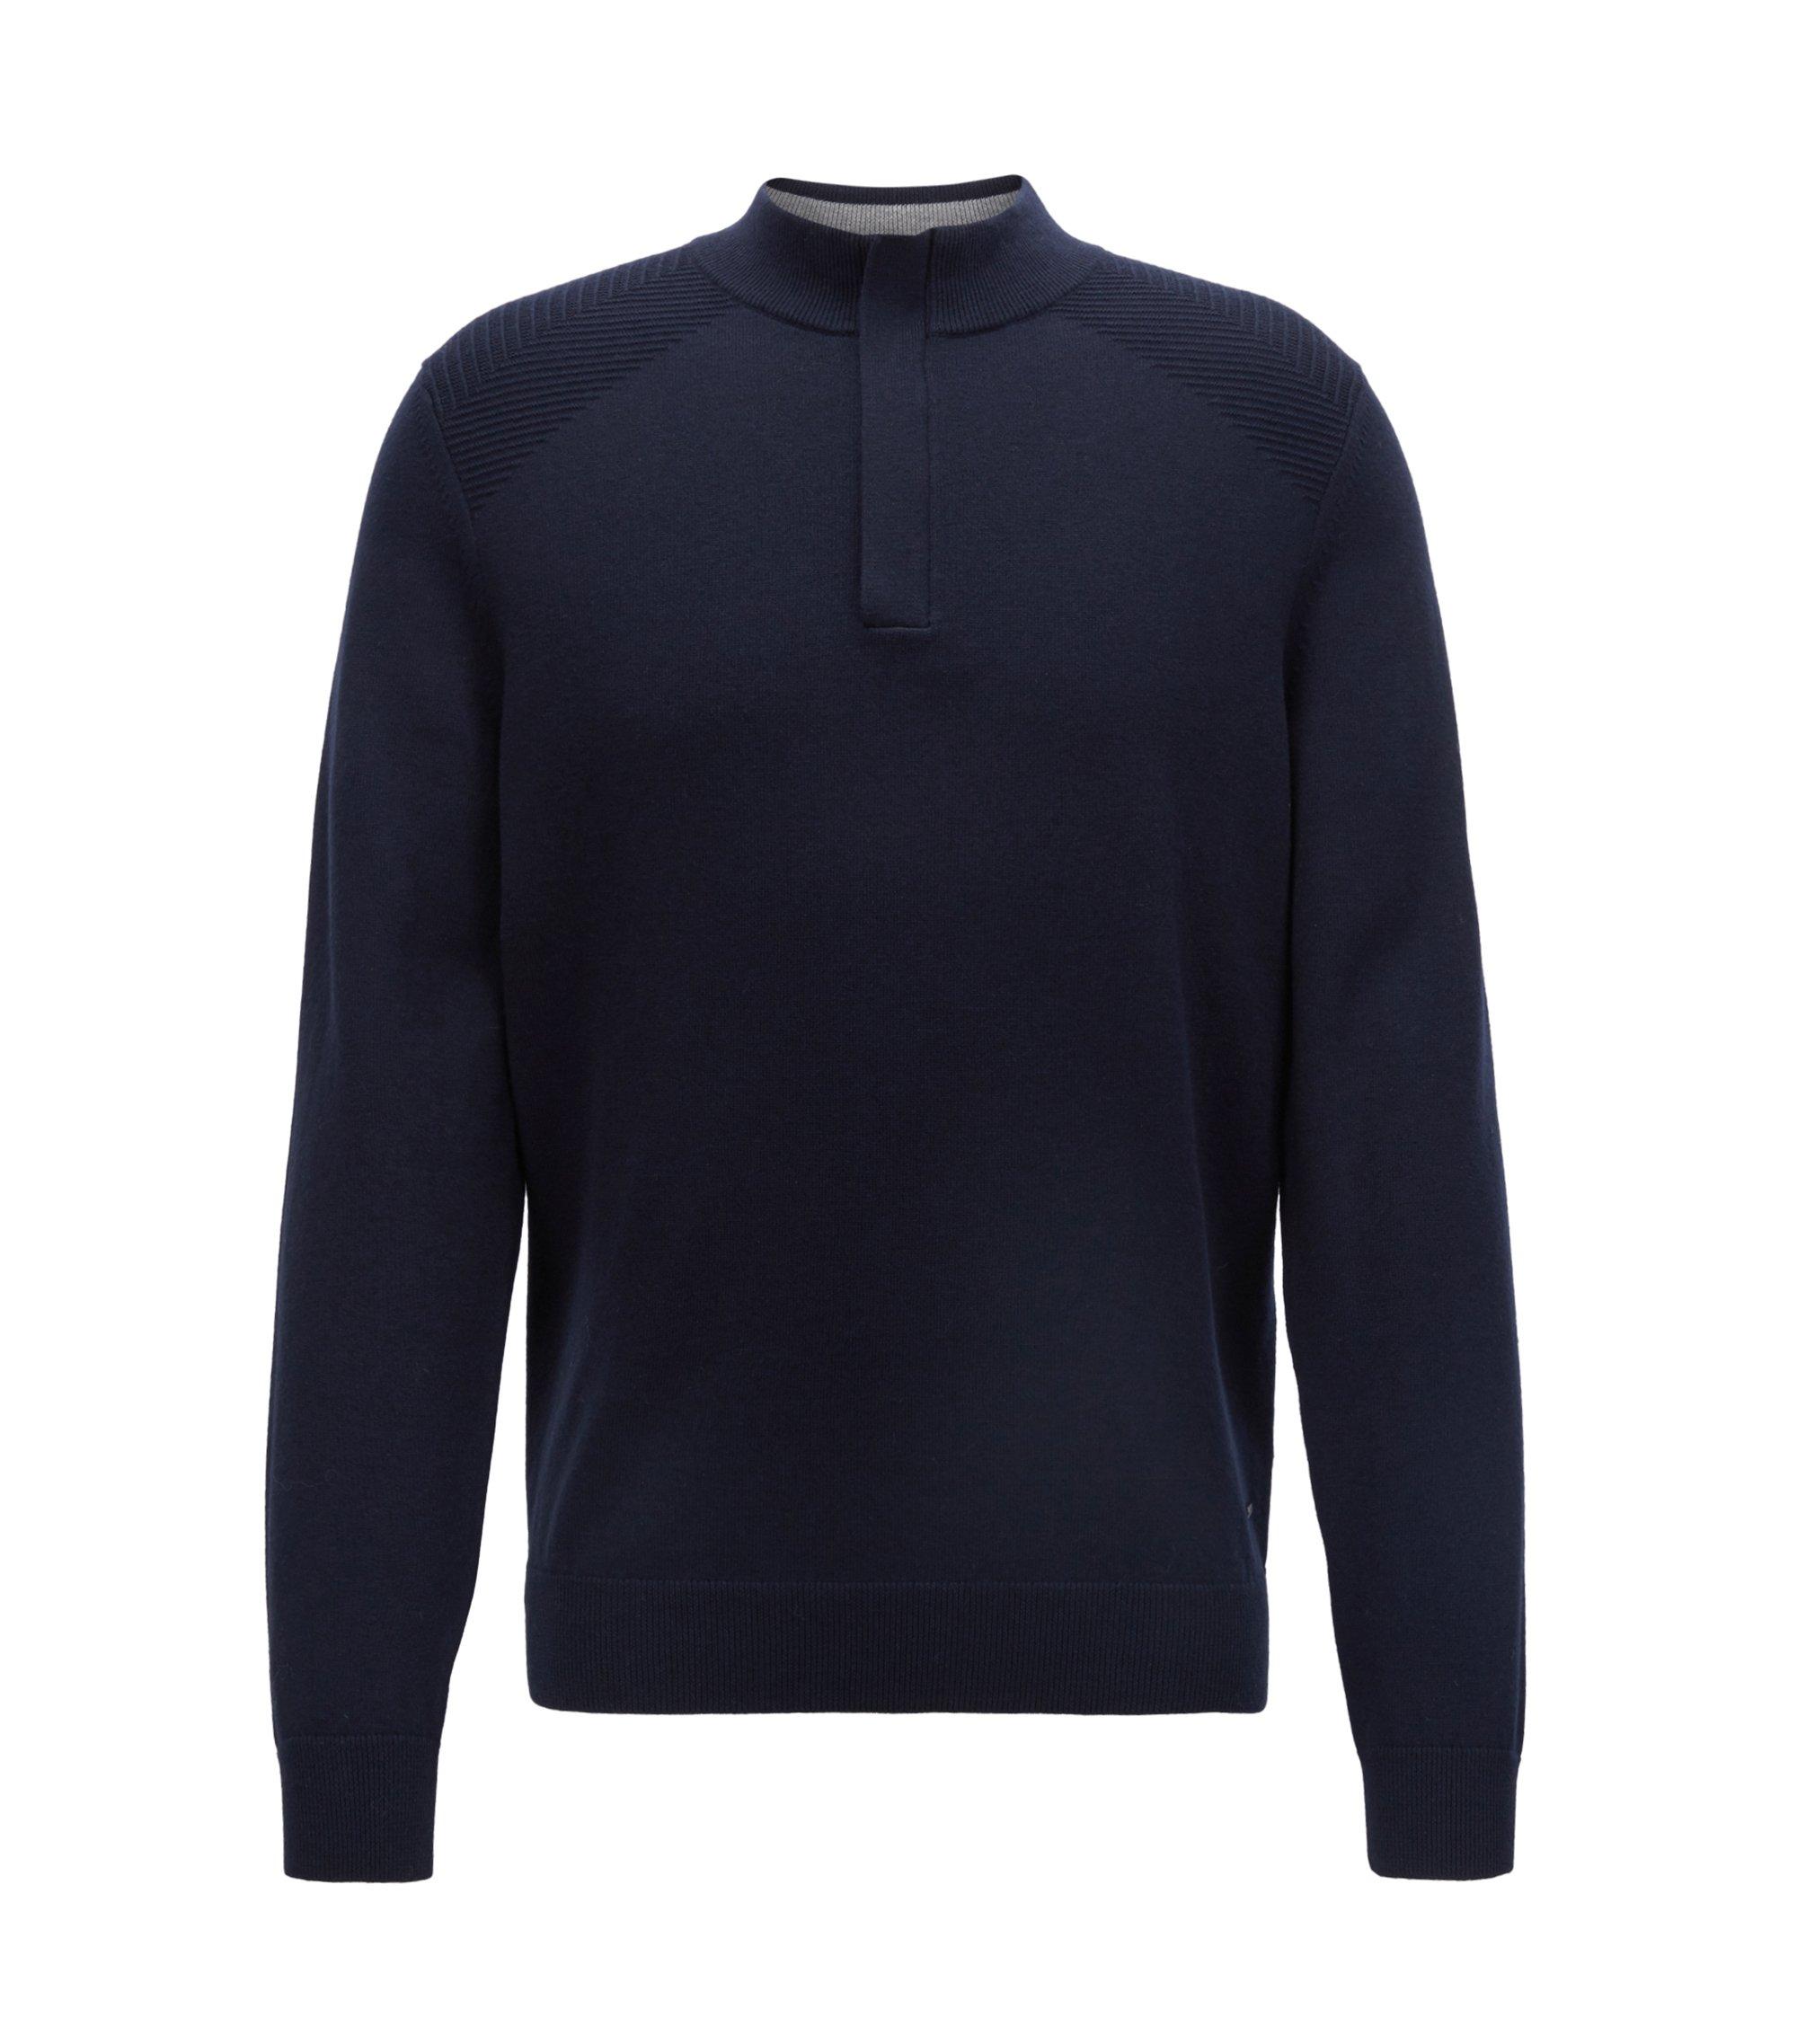 Pullover aus Baumwoll-Schurwoll-Mix mit Troyerkragen, Blau